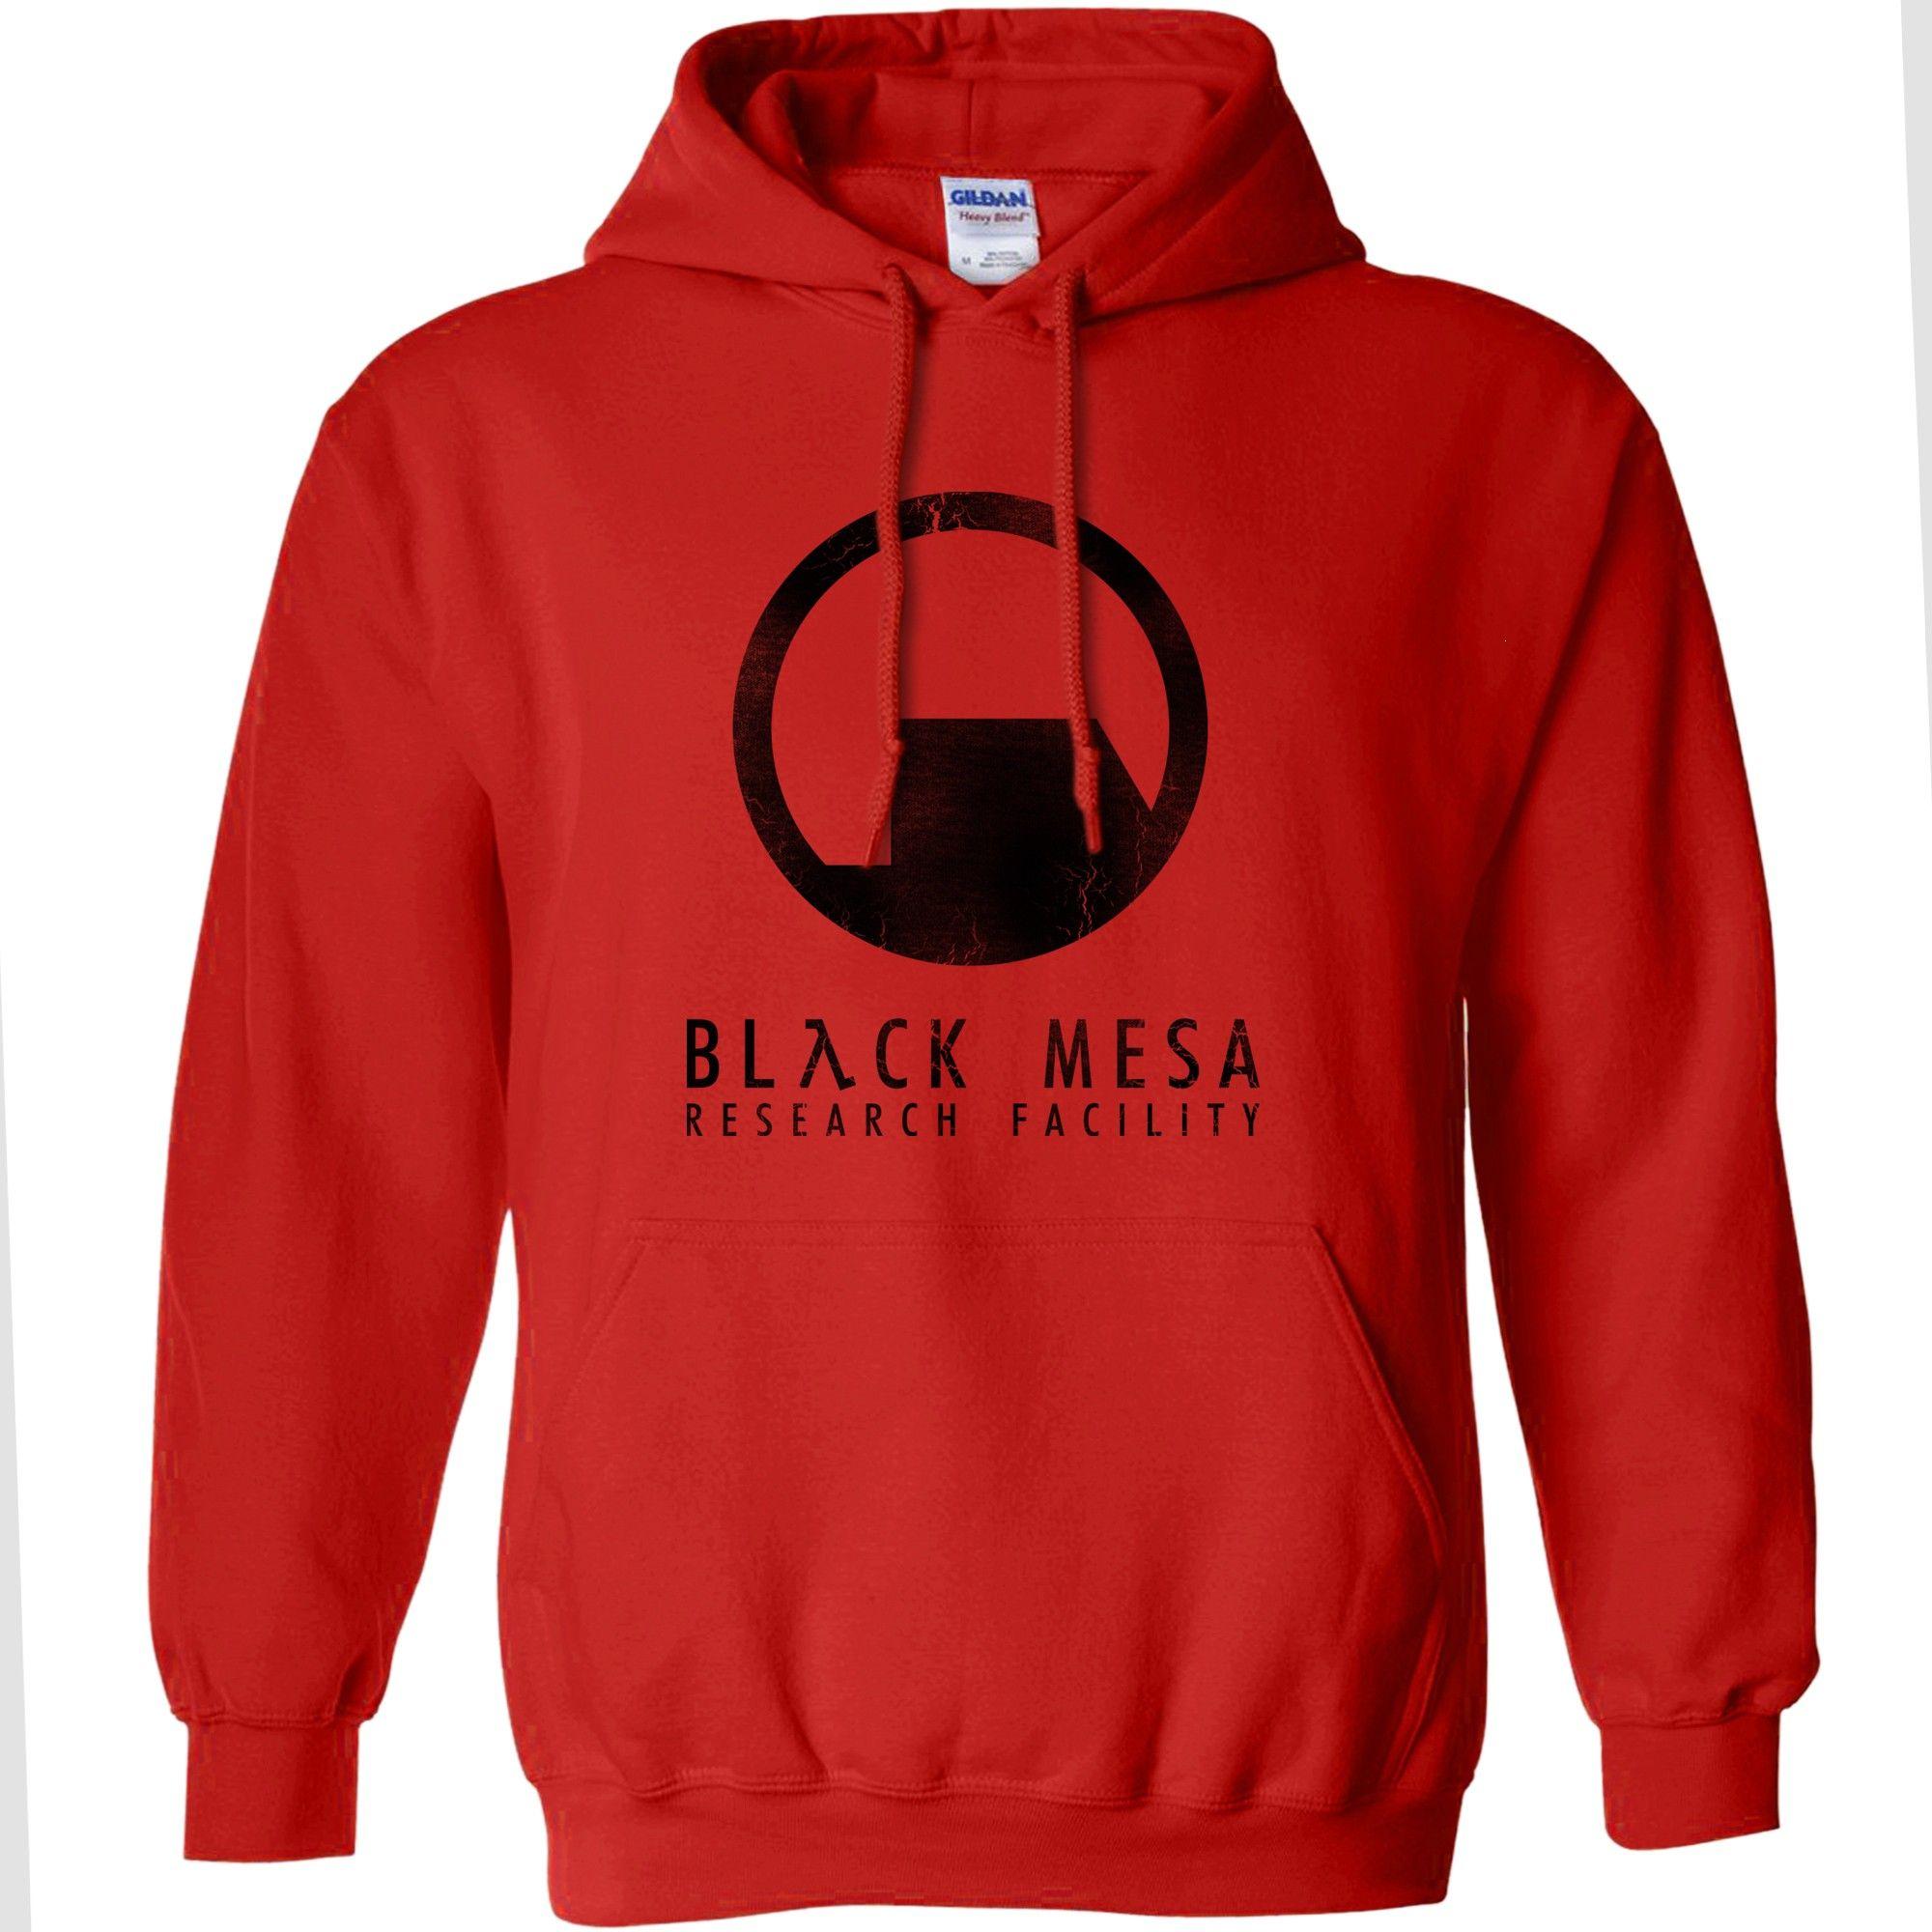 Black Mesa Hoodie Hoodies, Cool outfits, Black